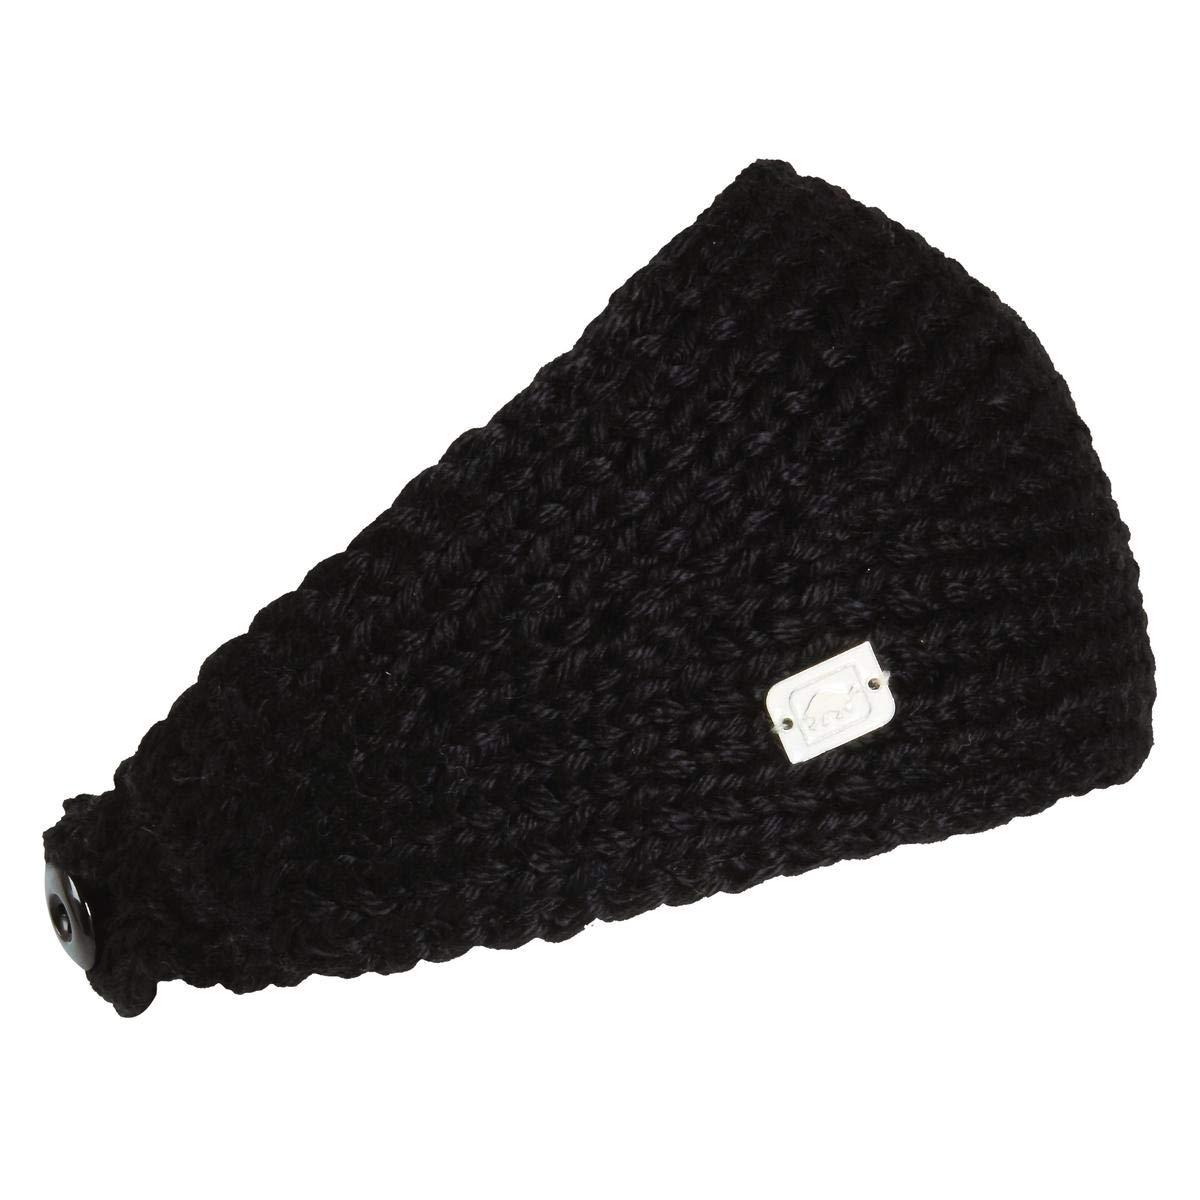 Turtle Fur Women's Oven Hand Knit Fleece Lined Headband, Black by Turtle Fur